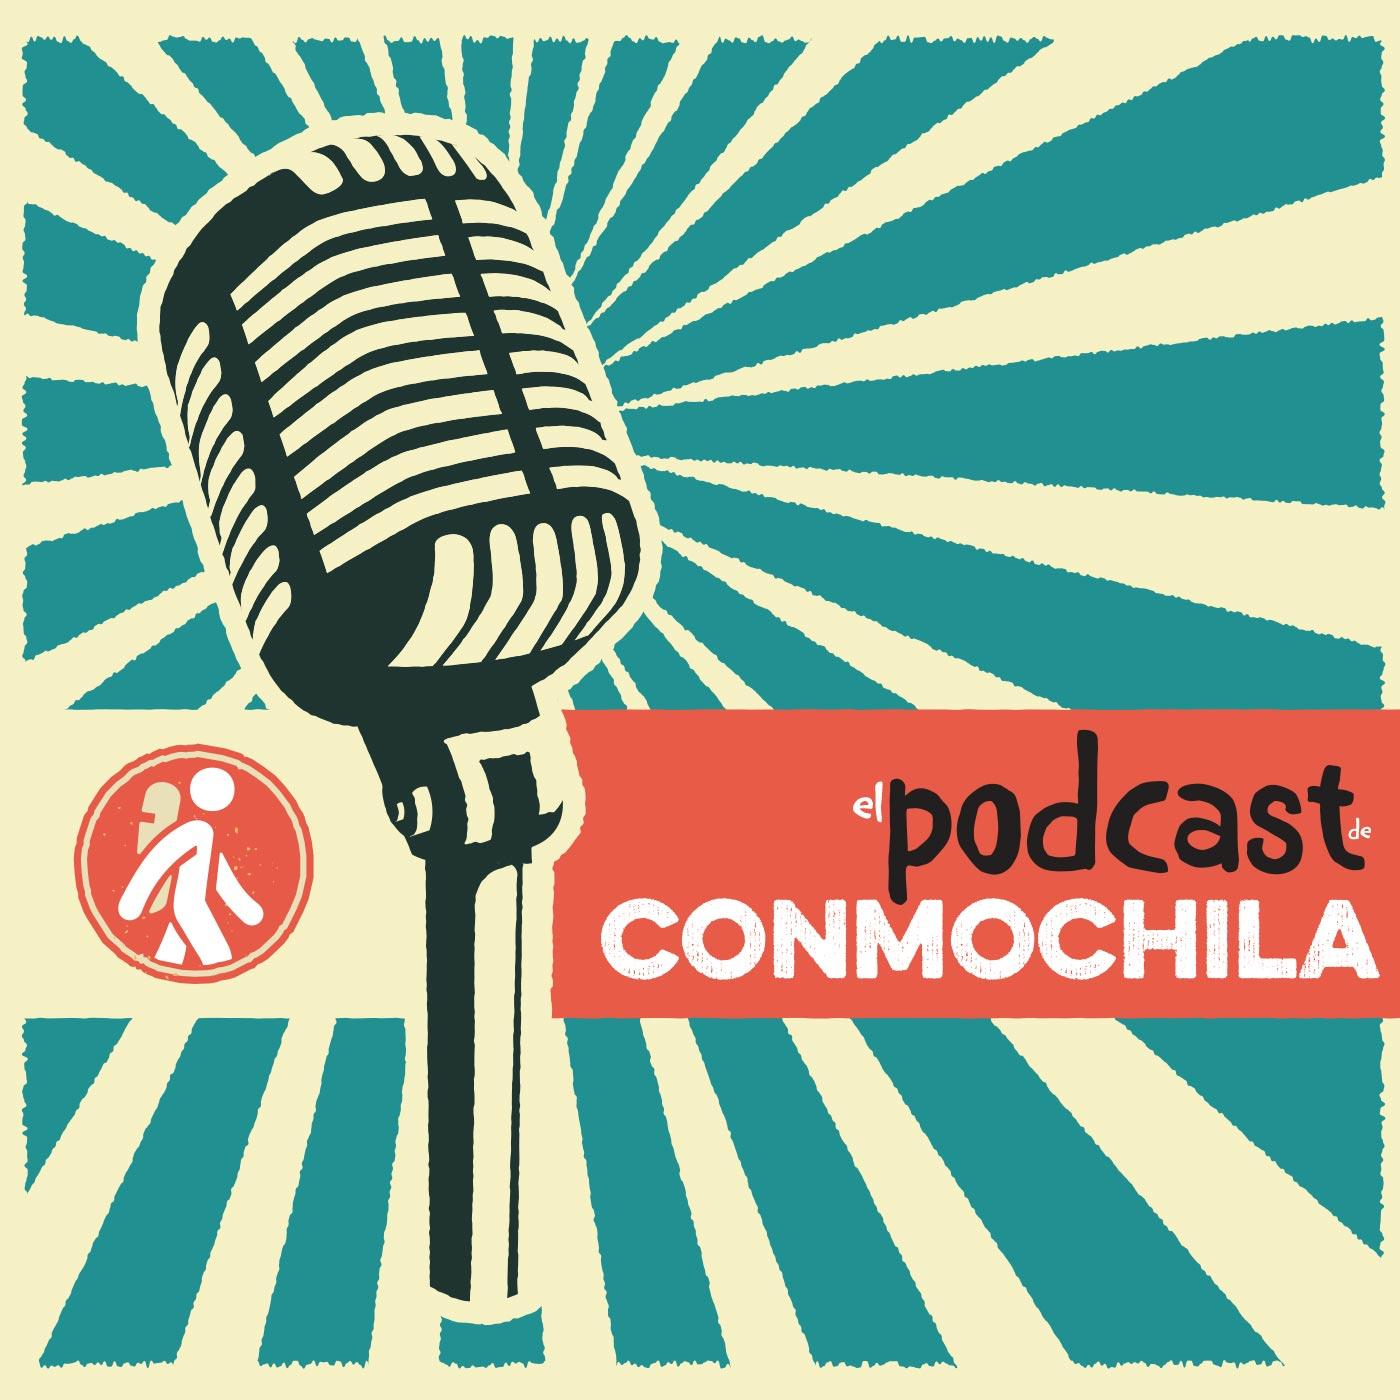 El podcast de conmochila.com